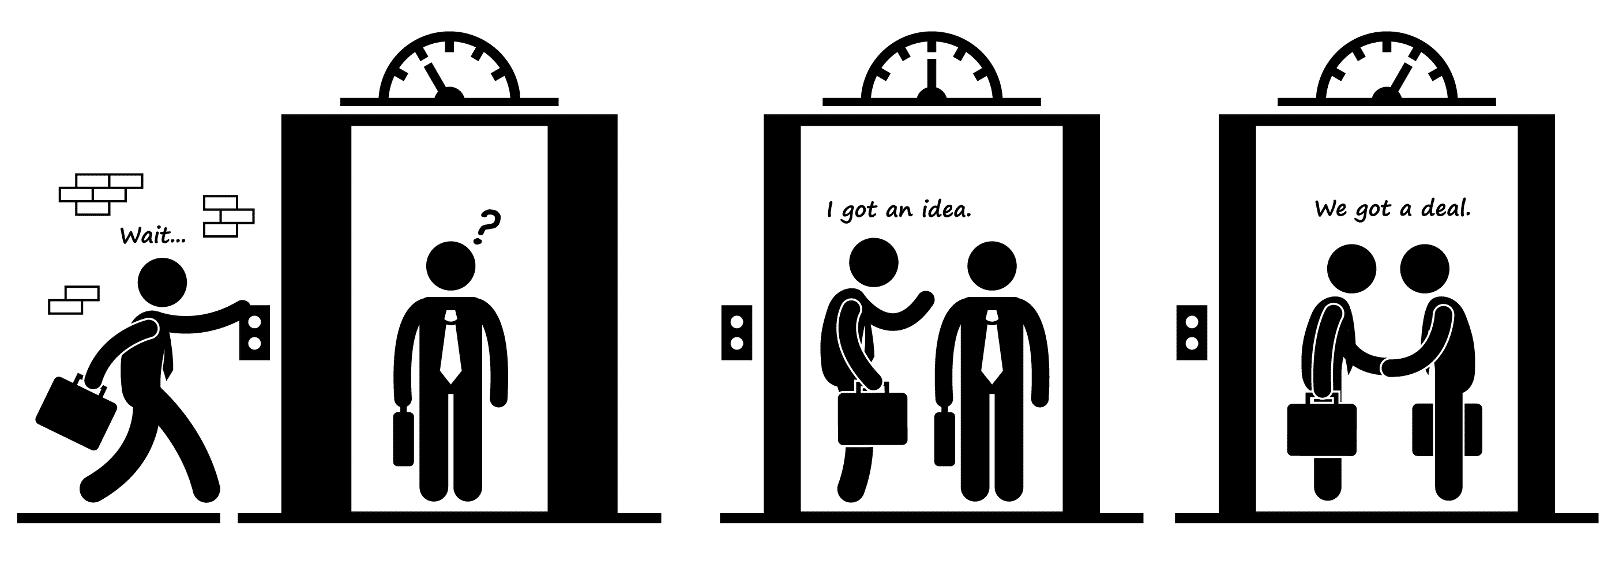 Comment définir une Unique Selling Proposition (USP) ? 3